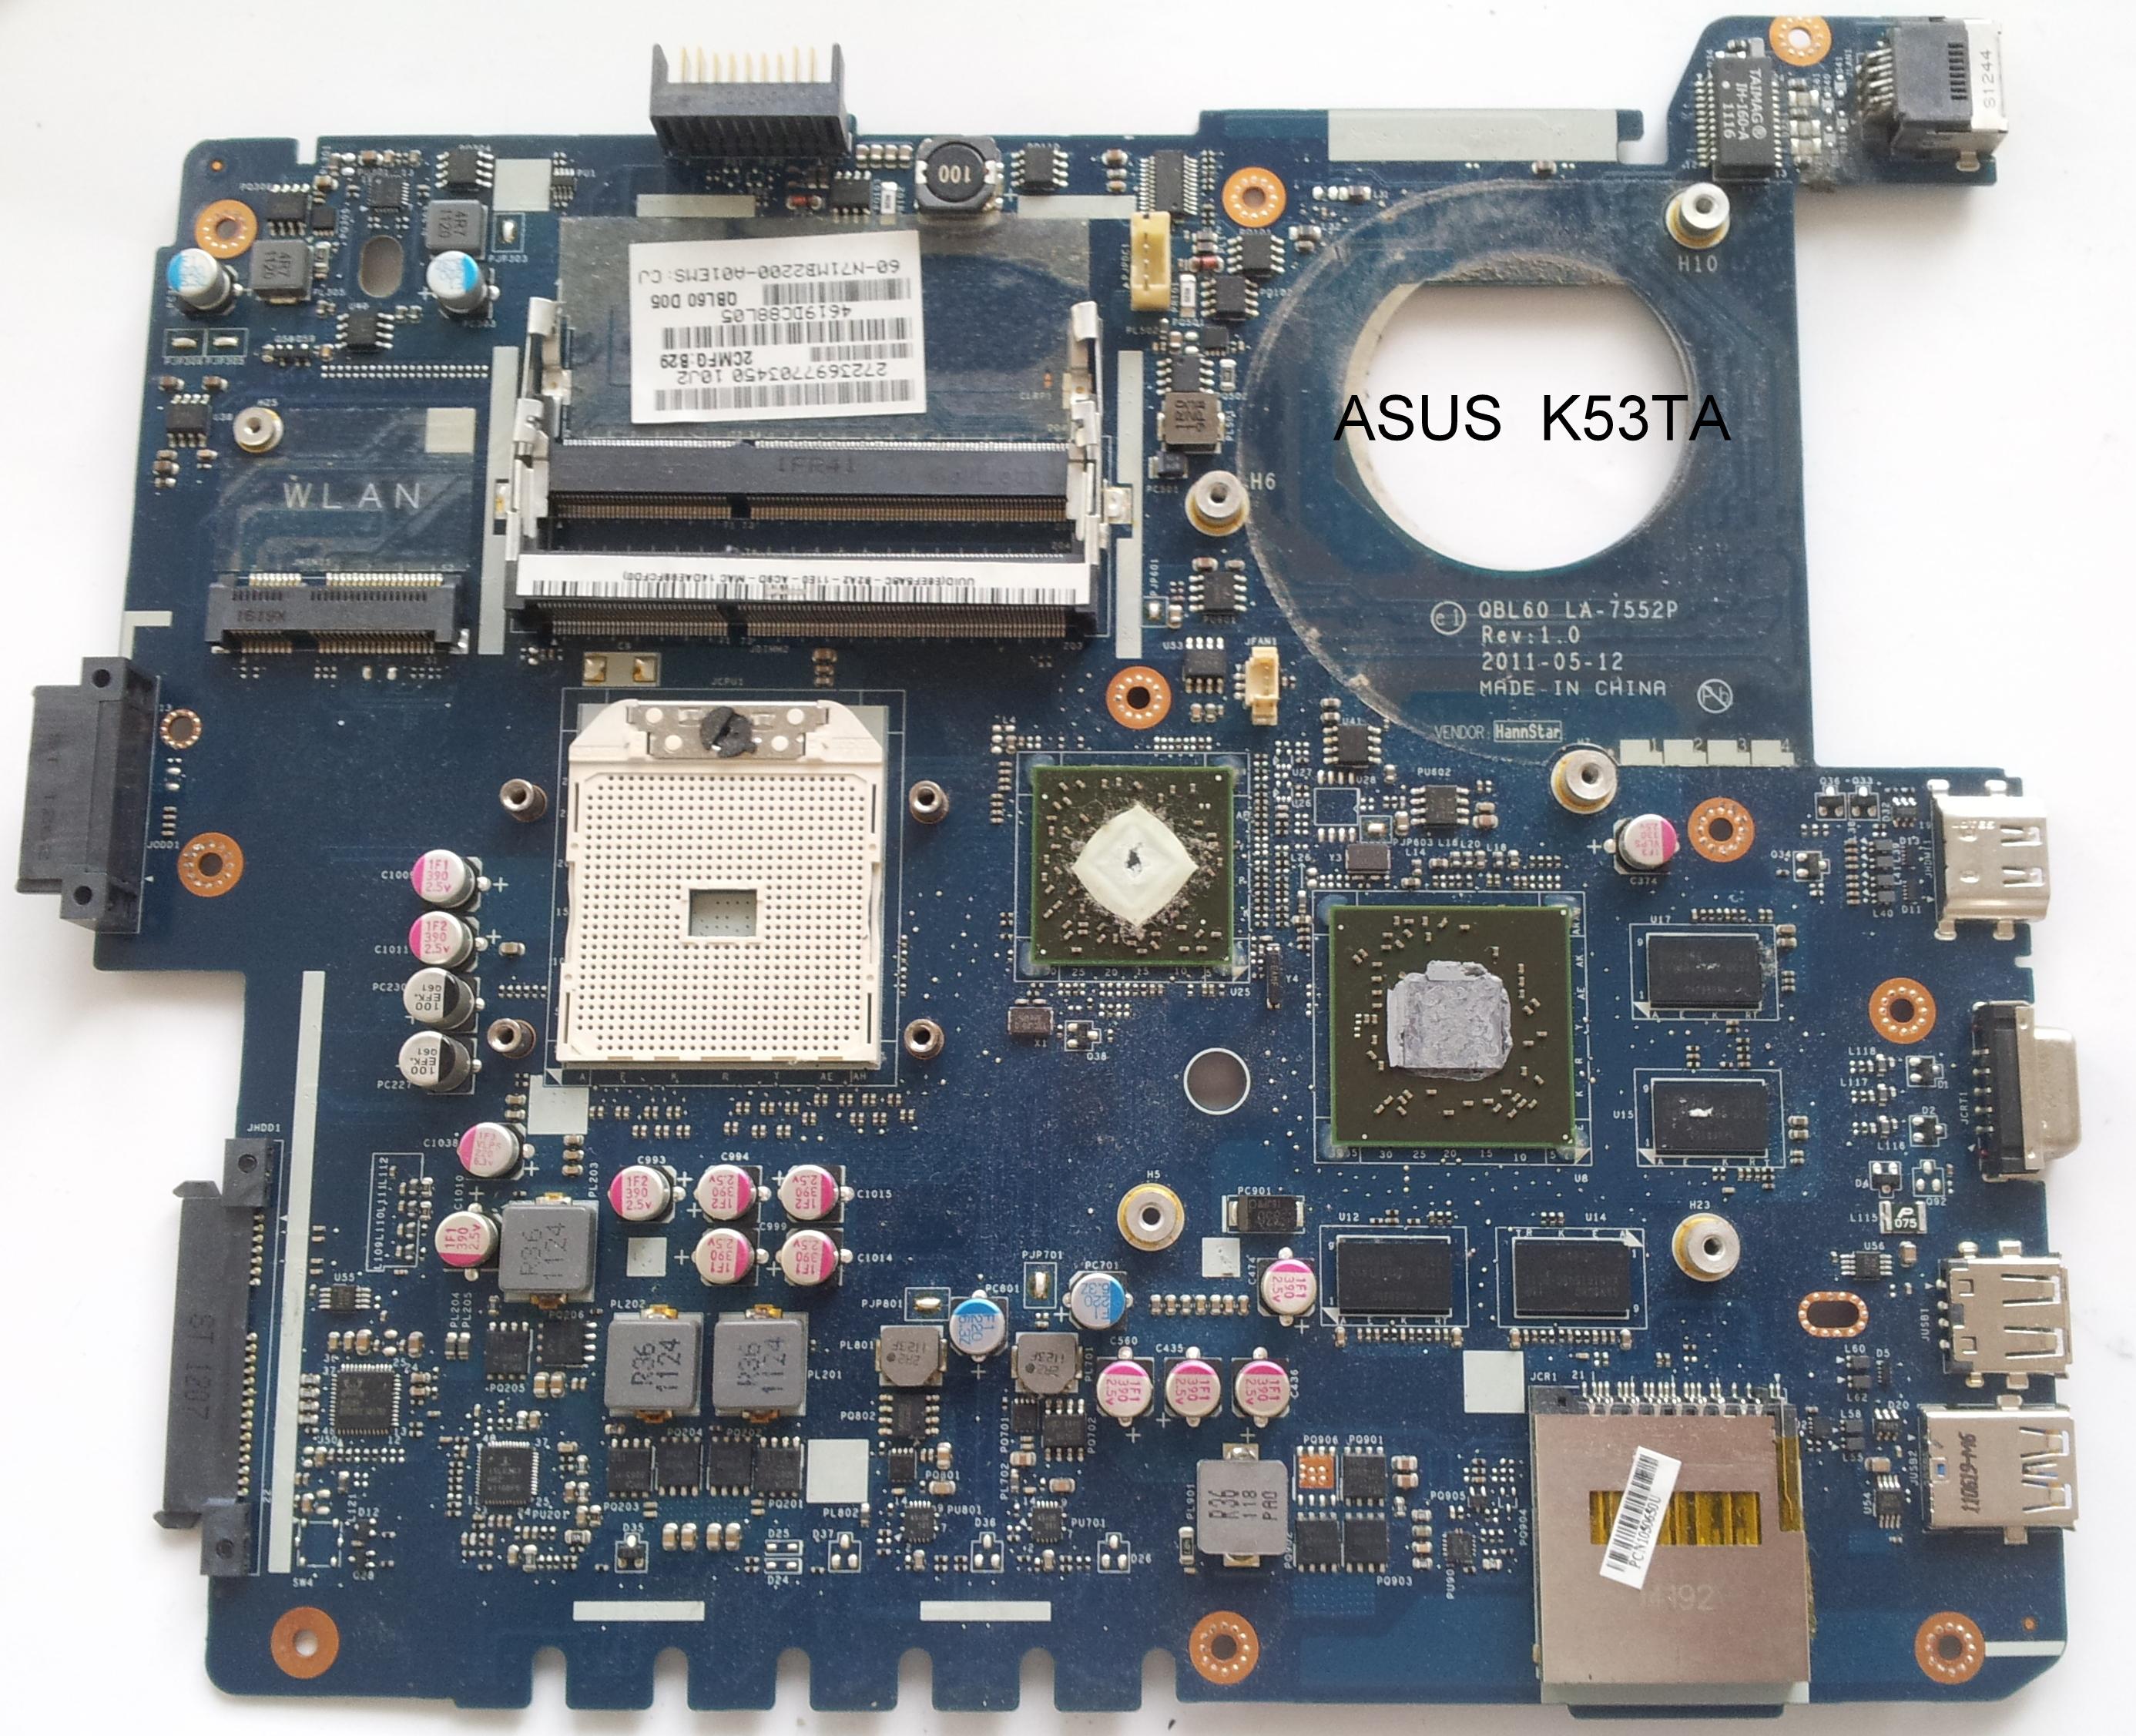 ASUS K53TA